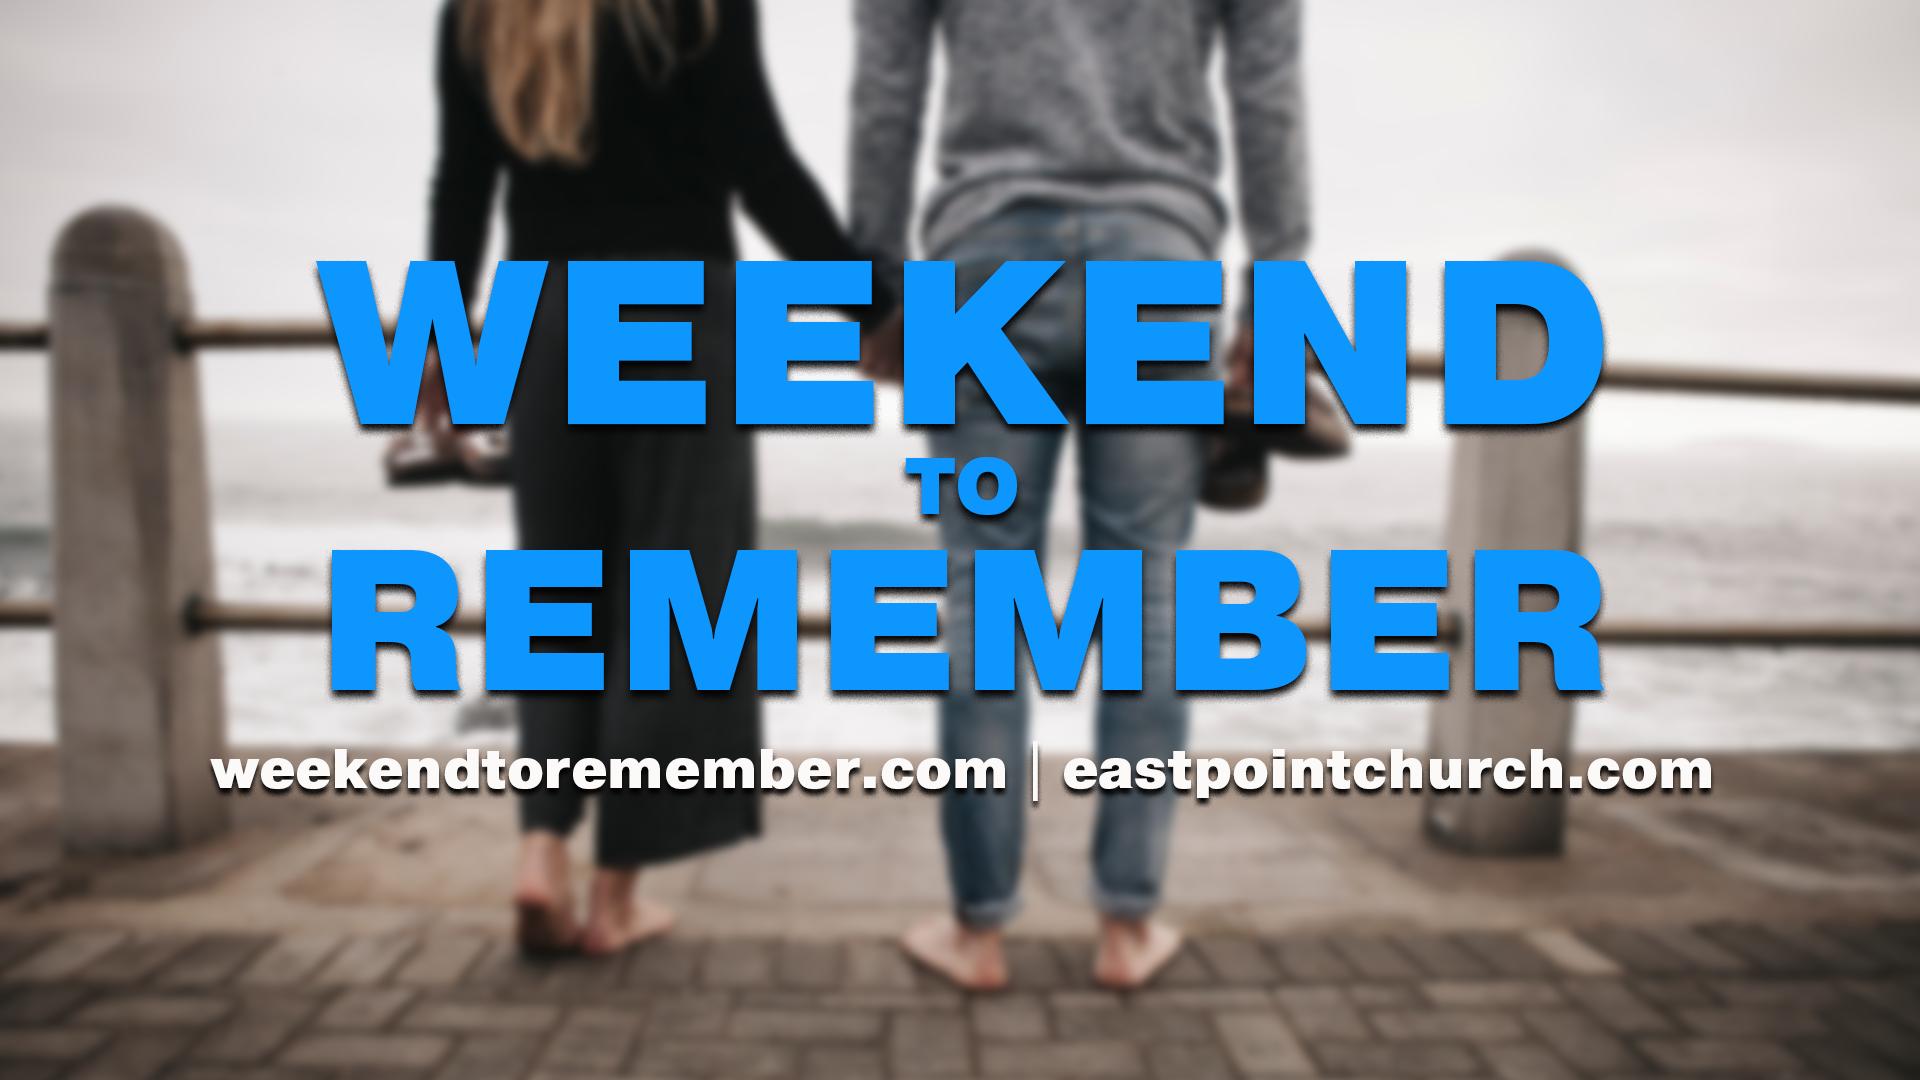 weekendtoremember_21_slide